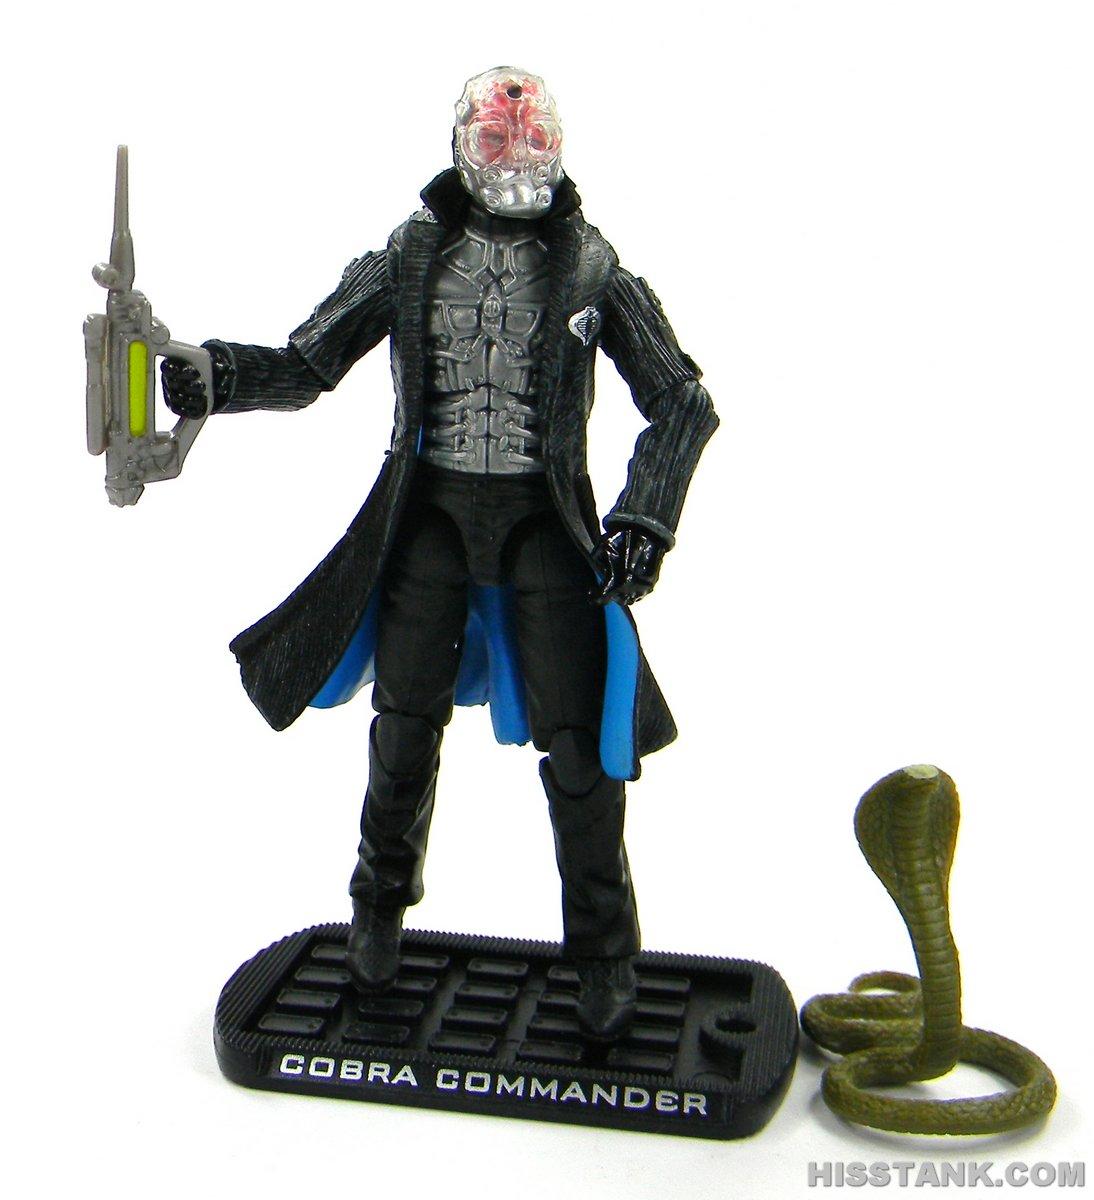 cobra commander gi joe database